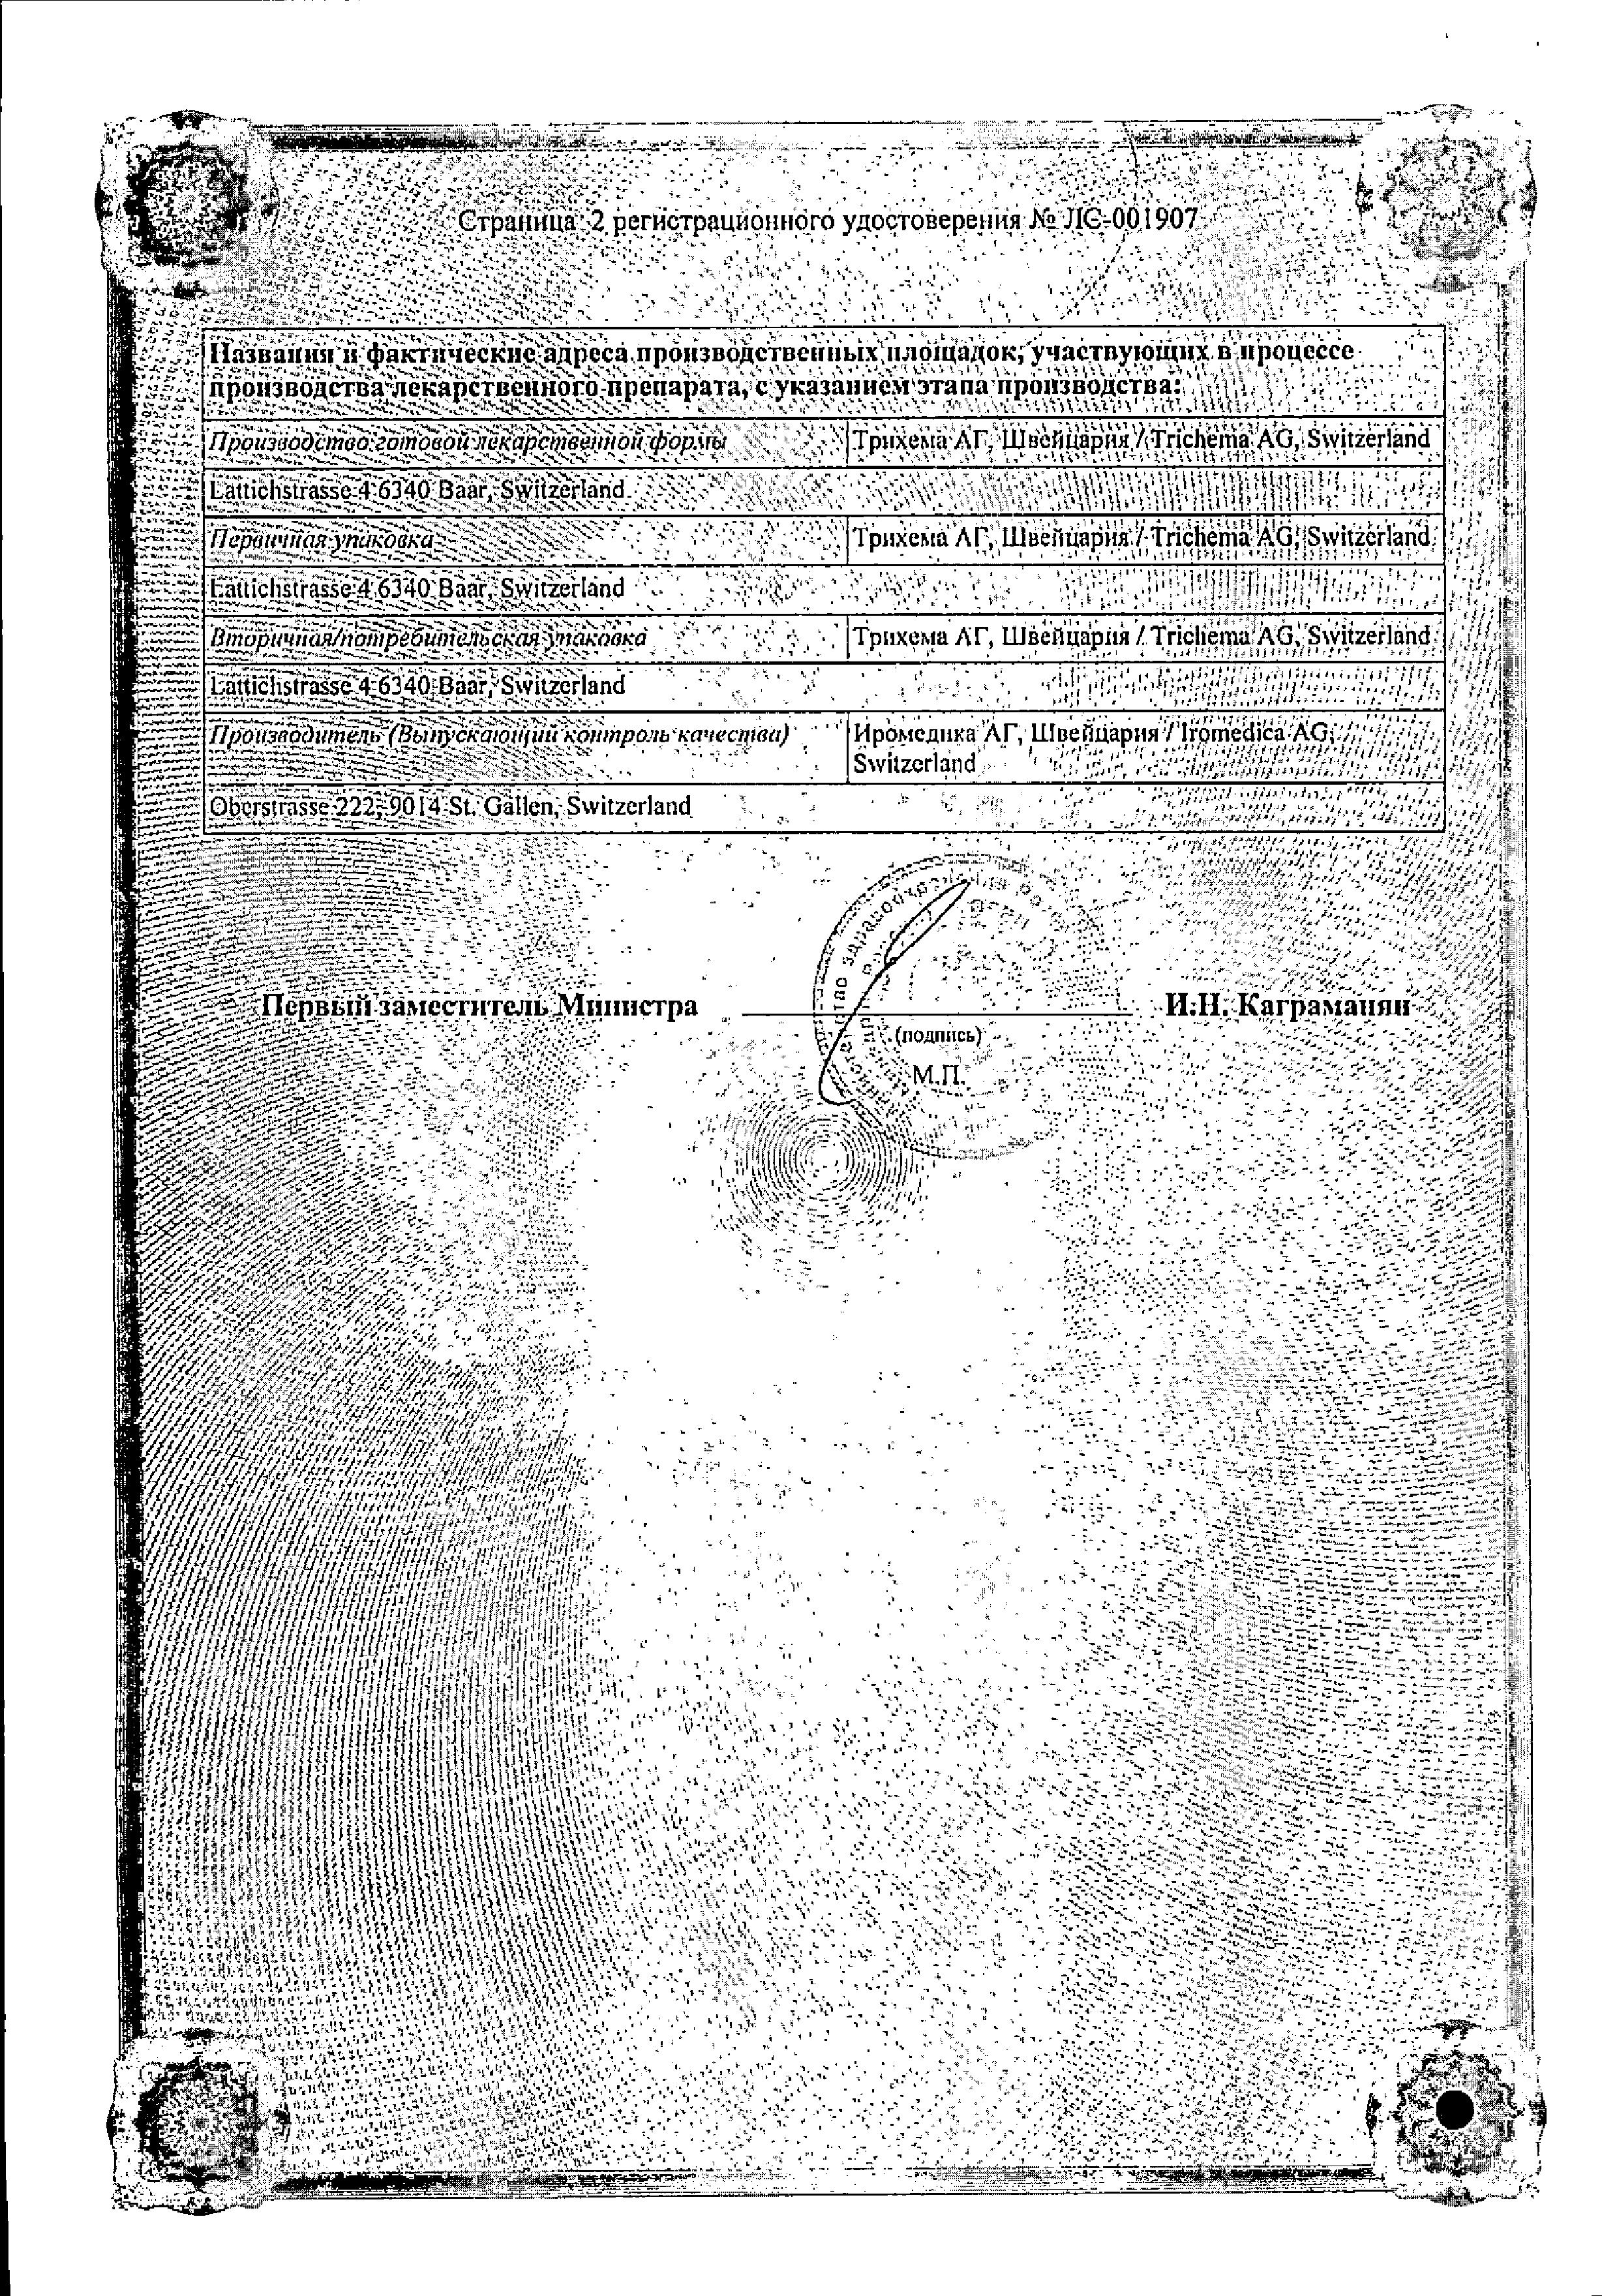 Кармолис сертификат